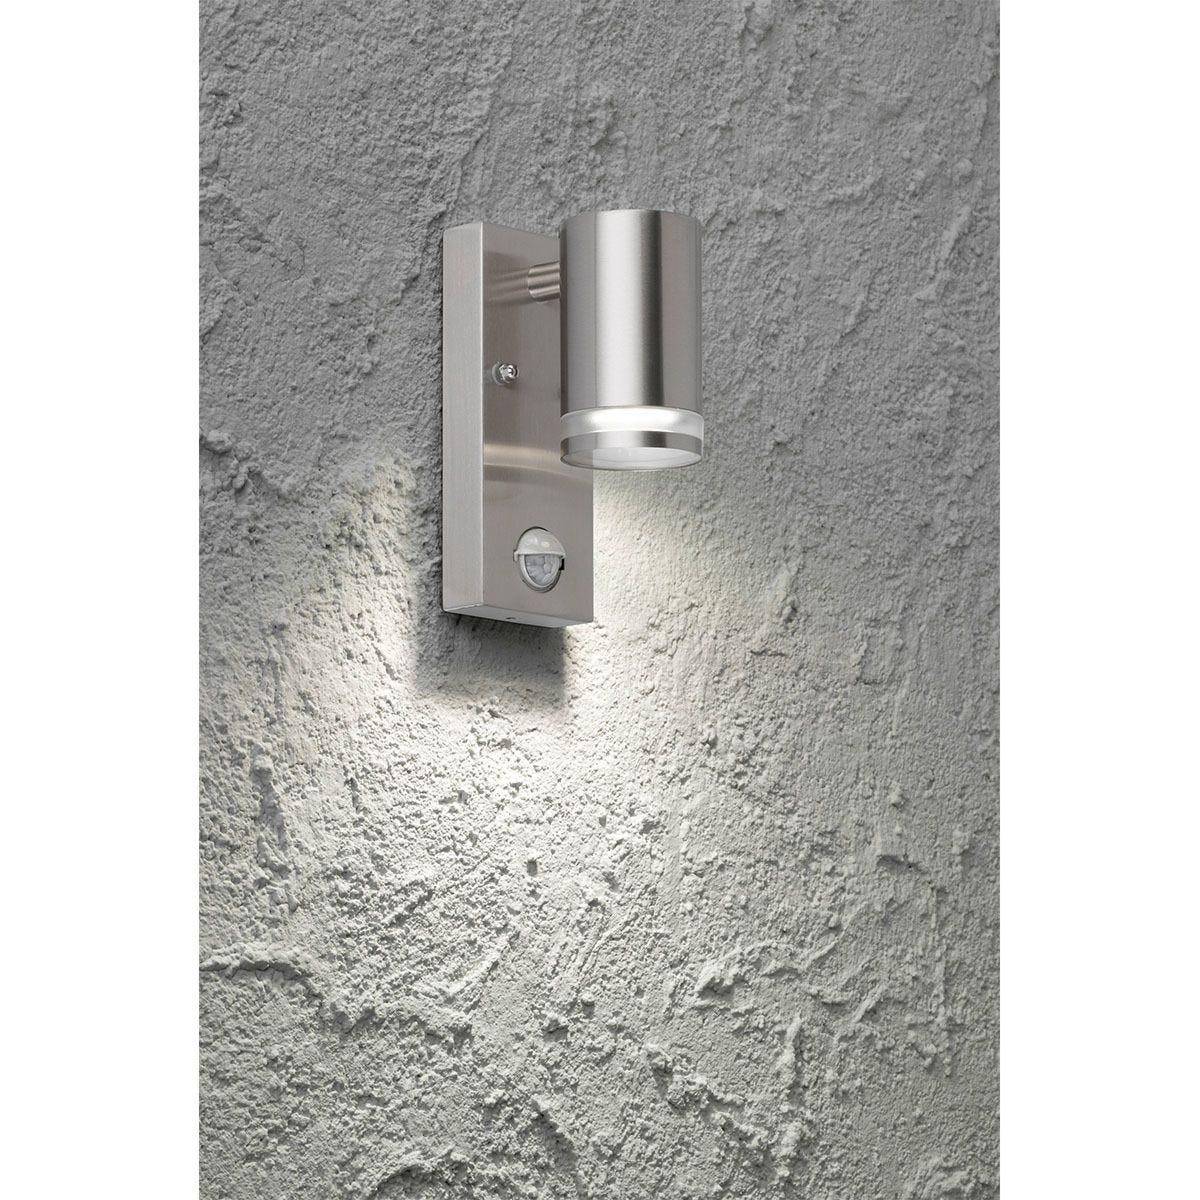 Wofi Gentara Wall Lamp - Brushed Stainless Steel